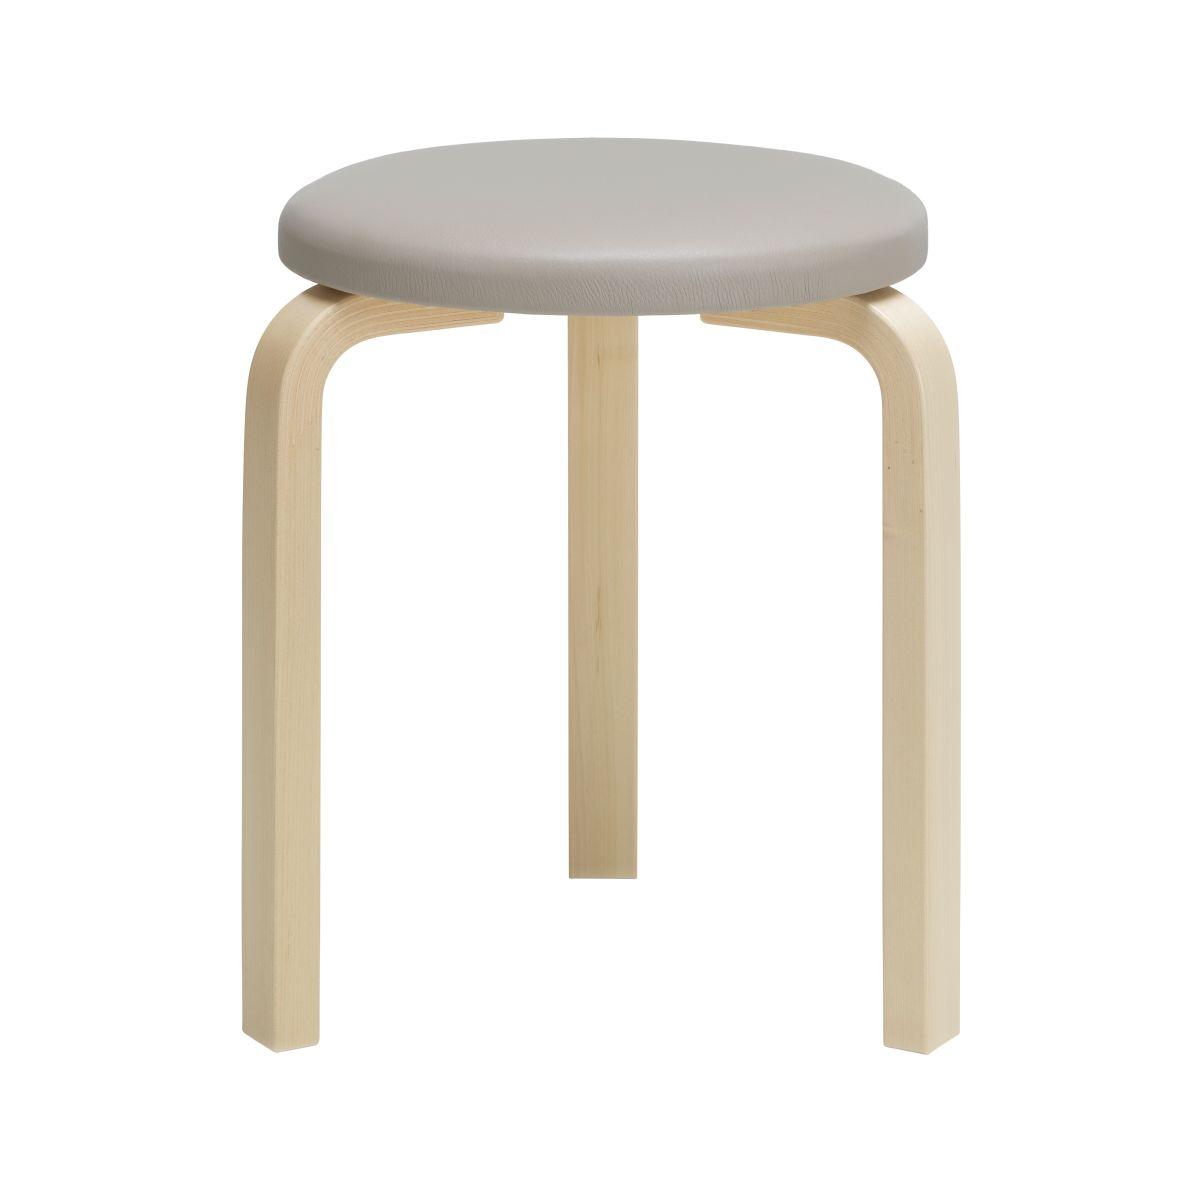 Stool-60-natural-upholstery-Sörensen-Prestige-beige_F-2868286